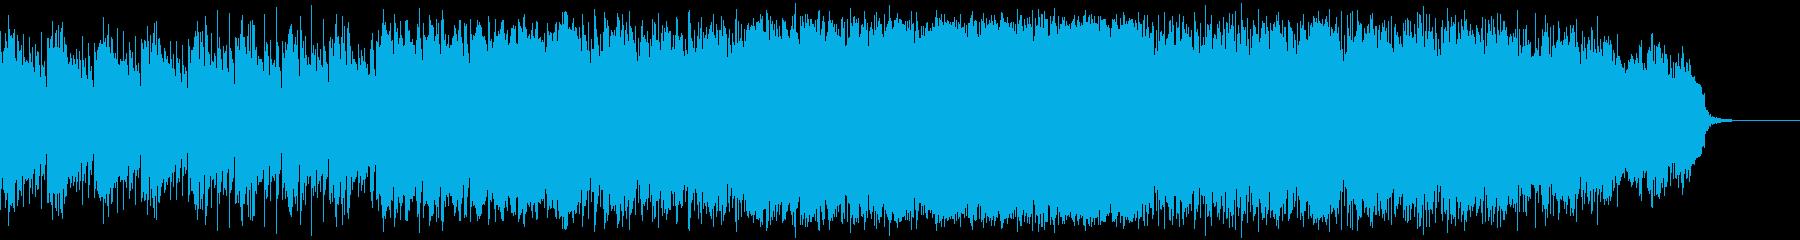 企業VP、ピアノ+バイオリン+エレクトロの再生済みの波形